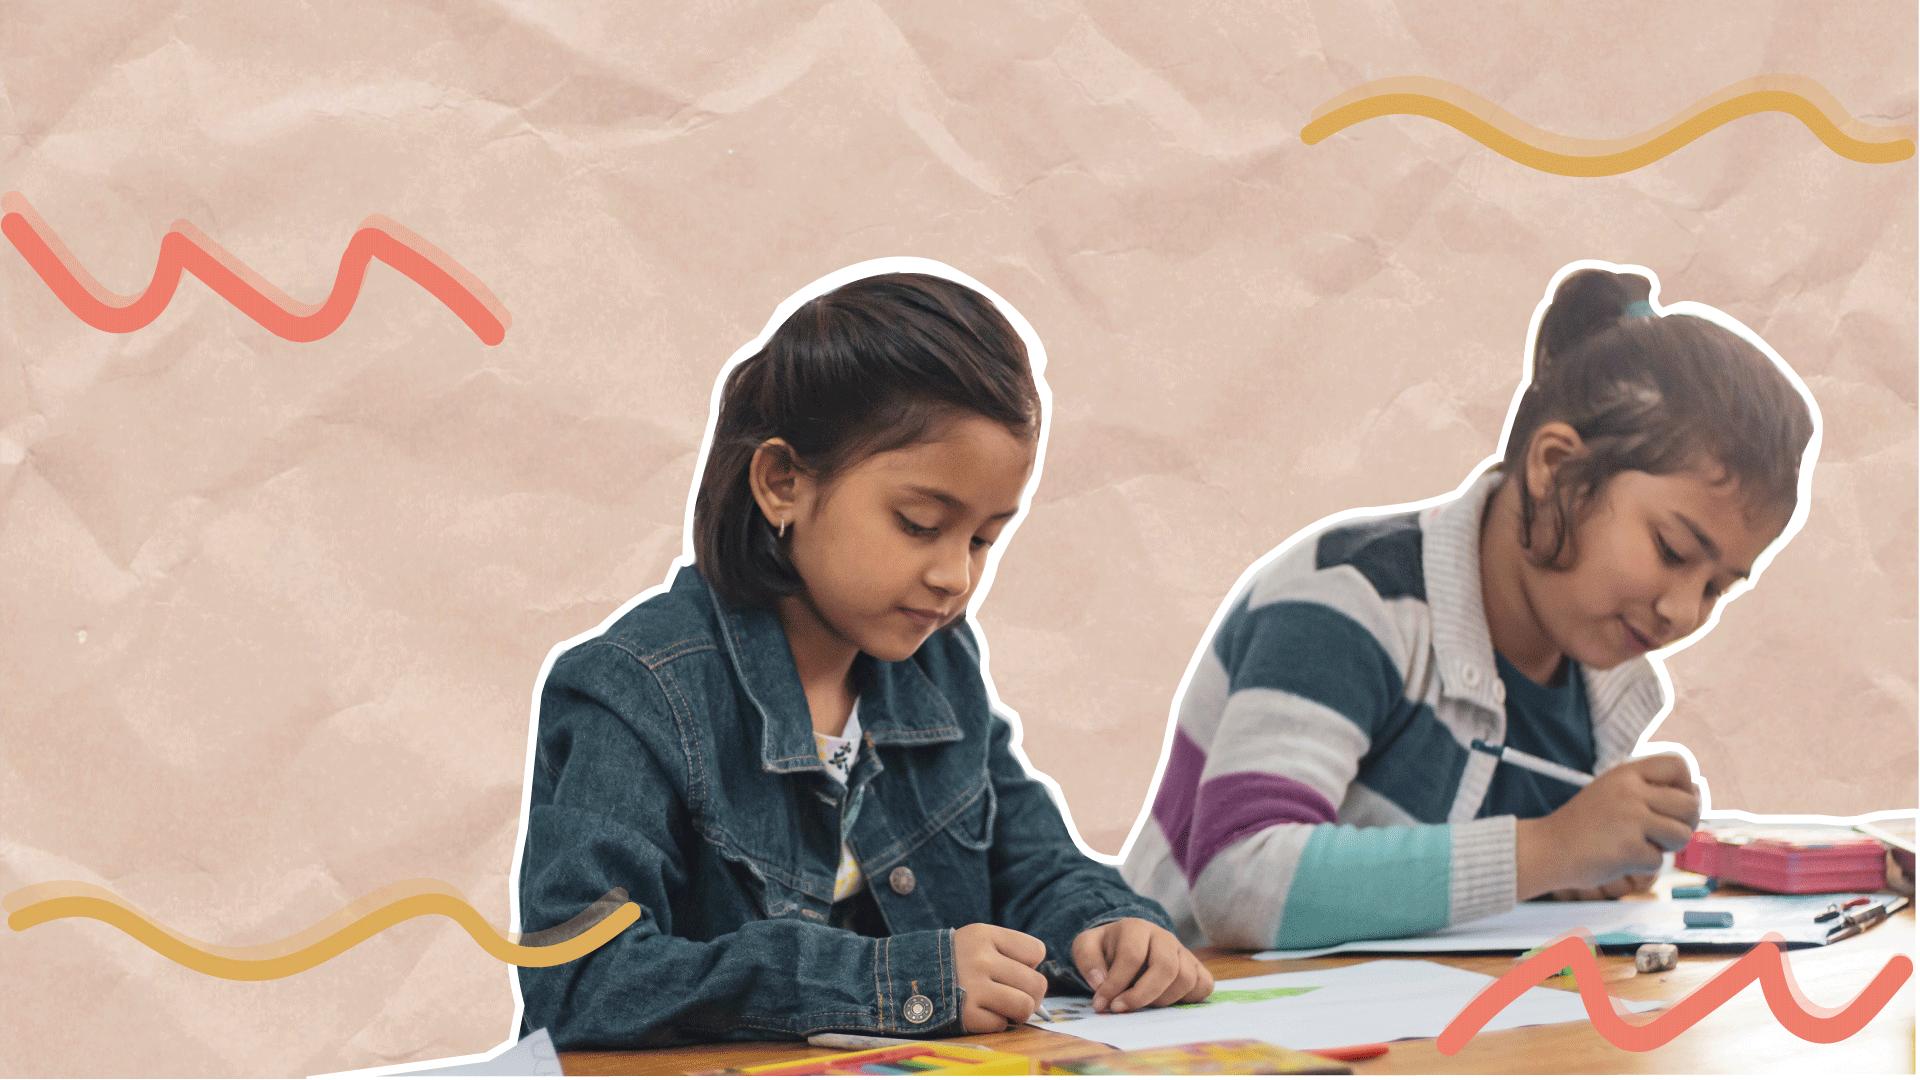 Em colagem, é possível ver duas meninas desenhando